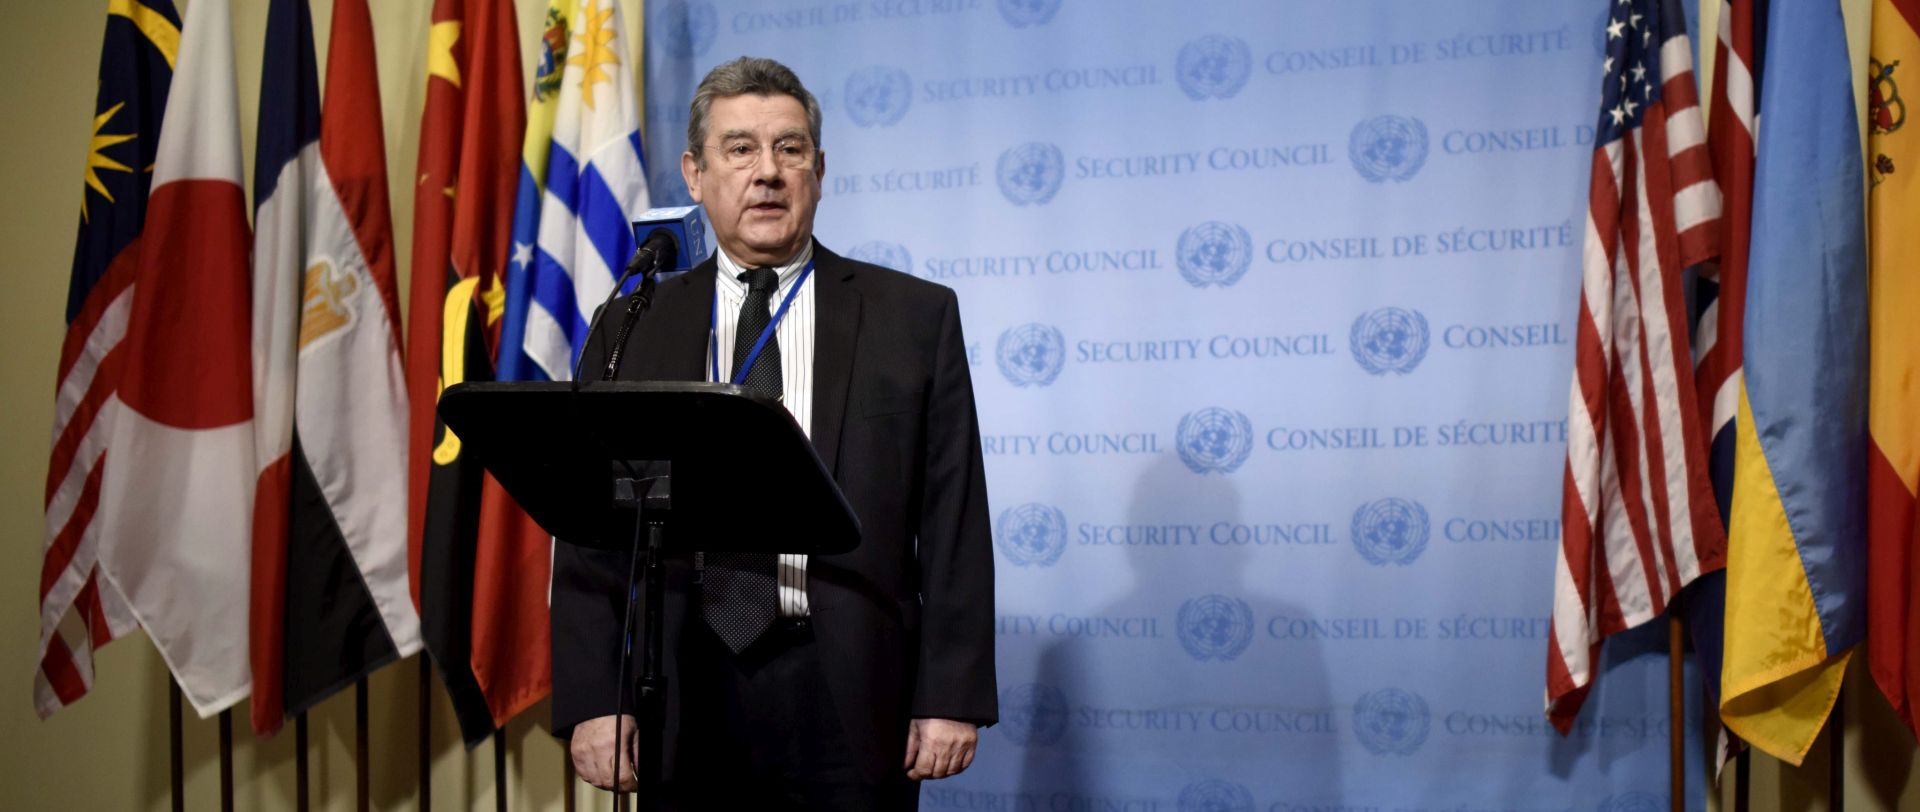 Počele hitne konzultacije VS UN nakon sjevernokorejskog nuklearnog pokusa